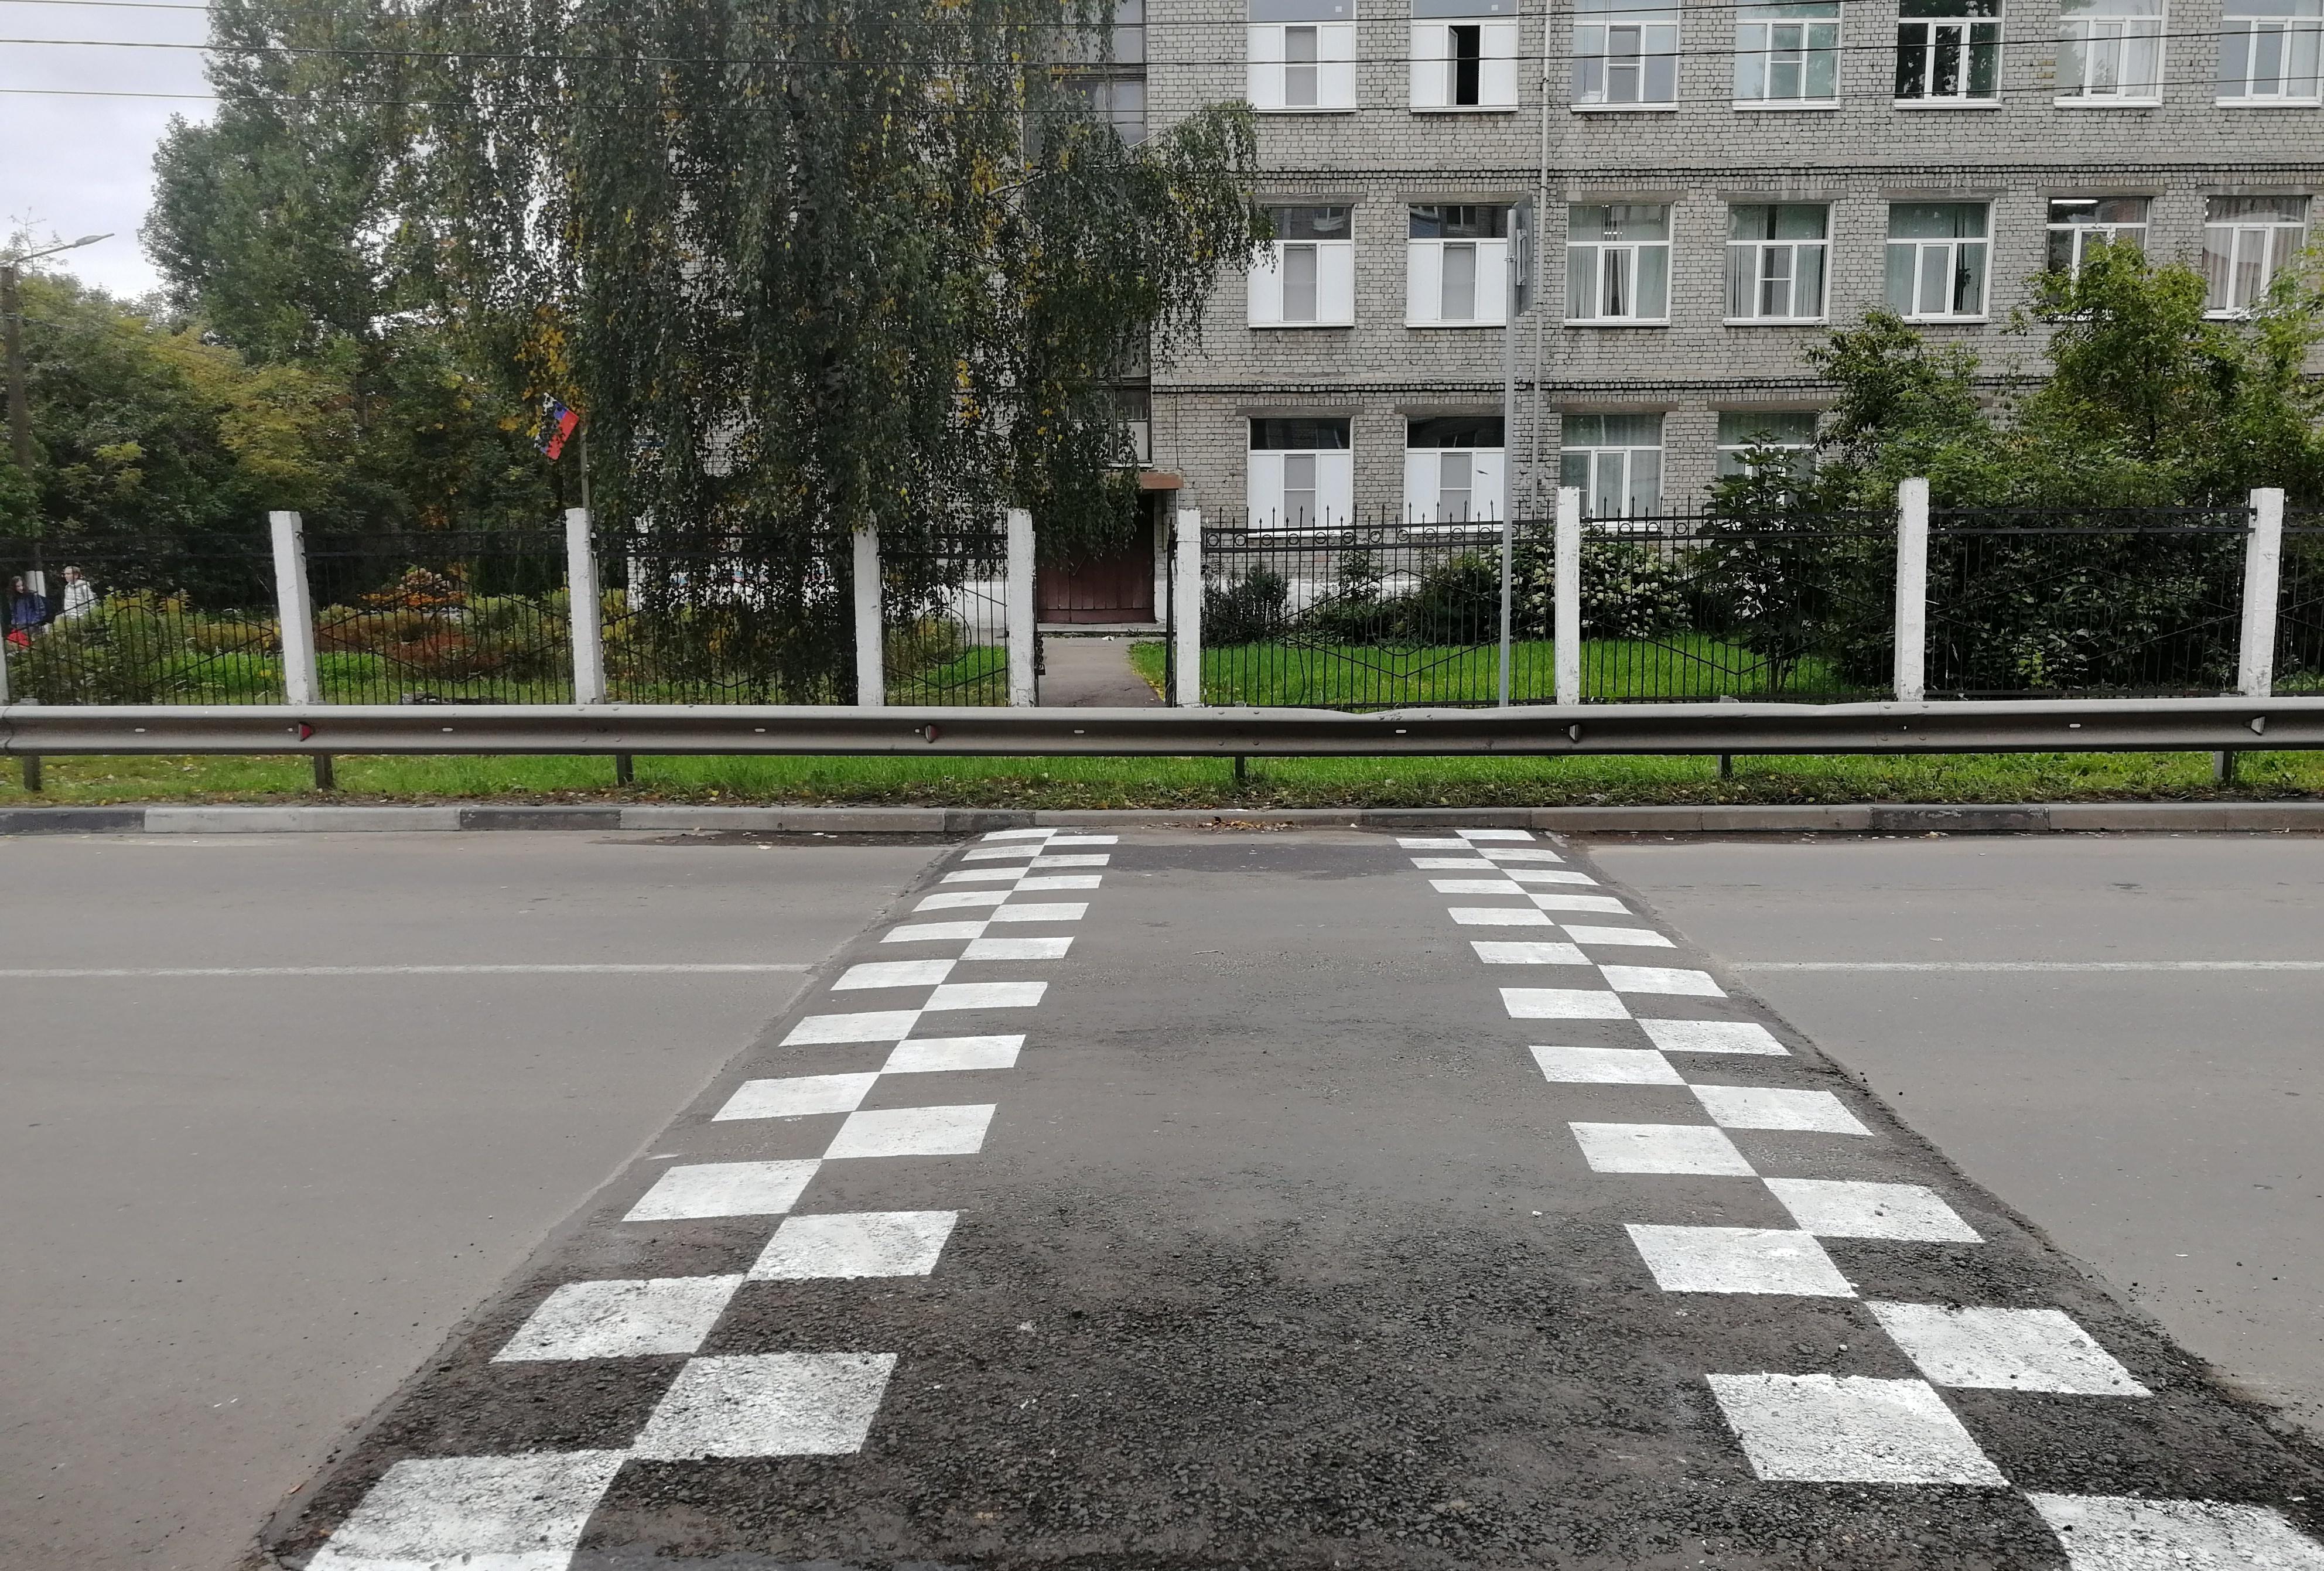 «Лежачие полицейские» установили у двух нижегородских школ и детсада - фото 1